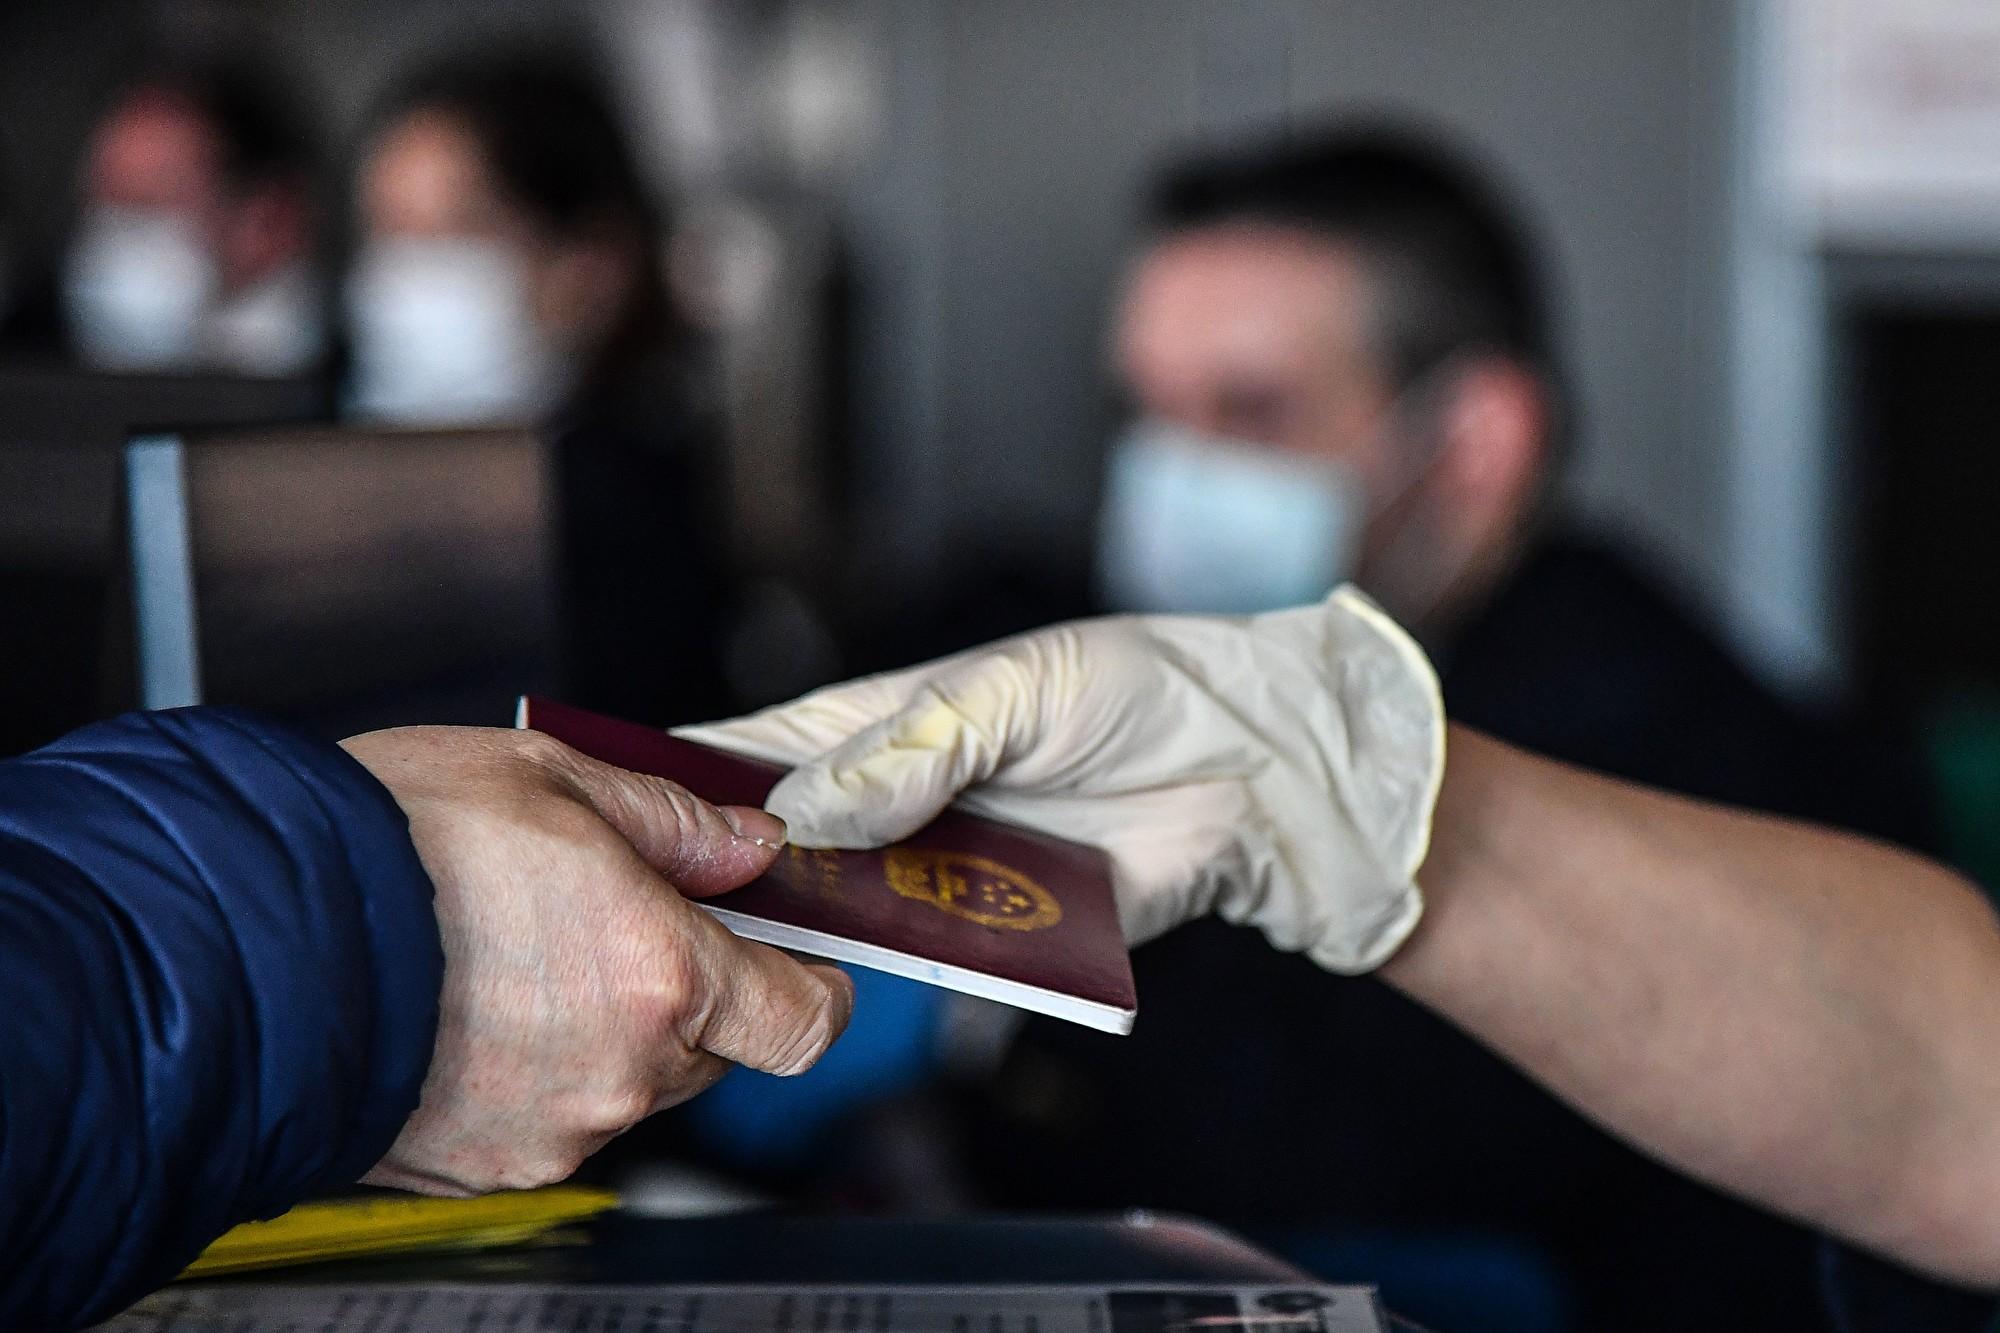 傳大陸停辦因私護照 各地網民留言證實